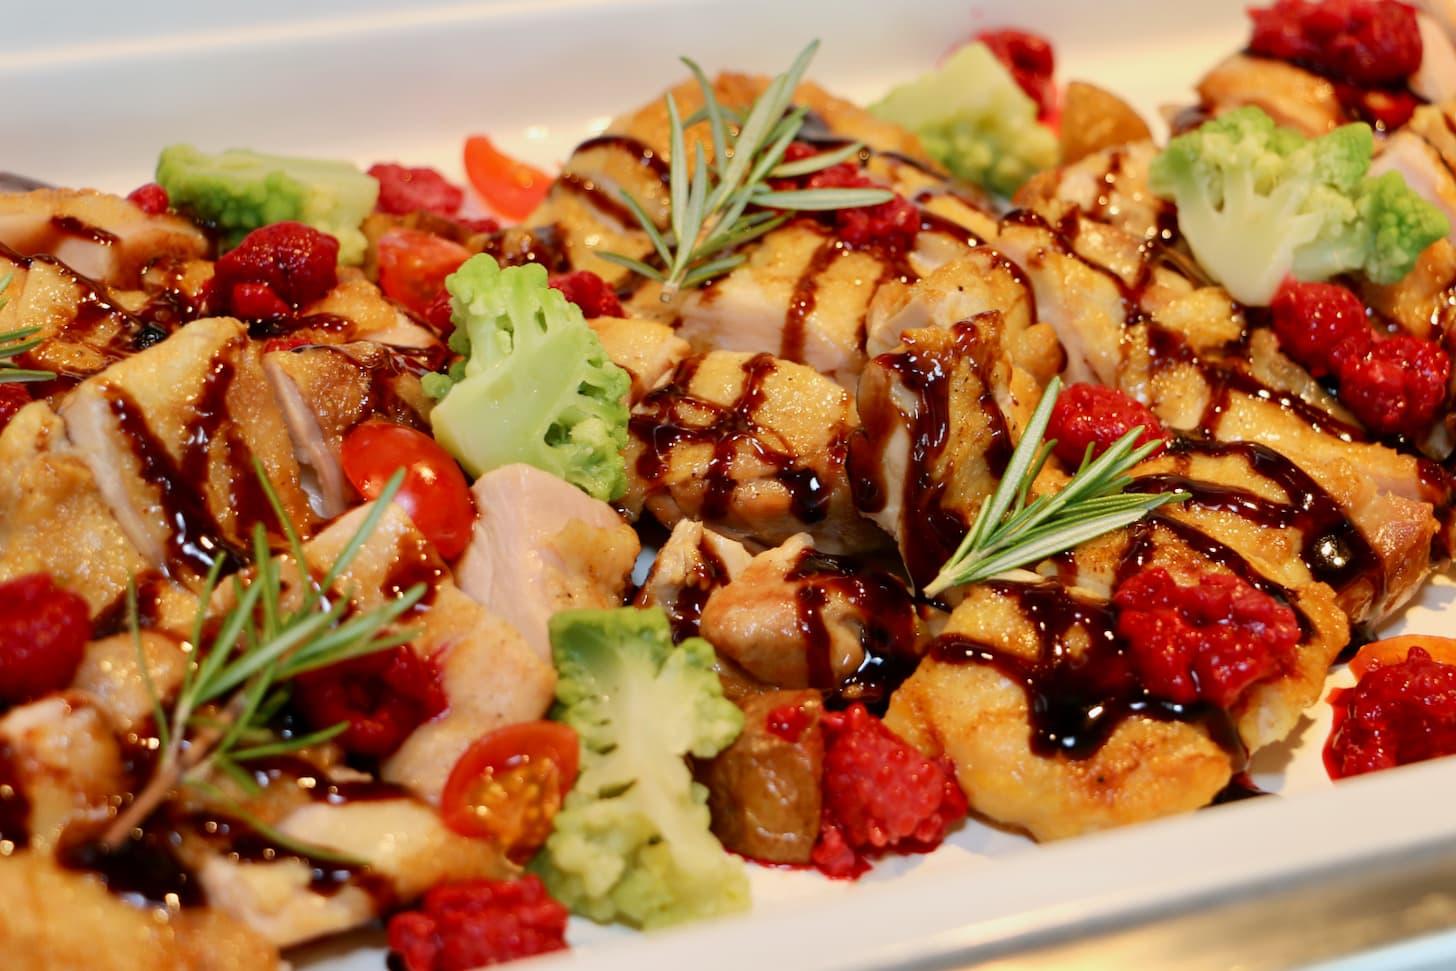 鶏もも肉のグリエ ローズマリー風味 ラズベリーバルサミコソース